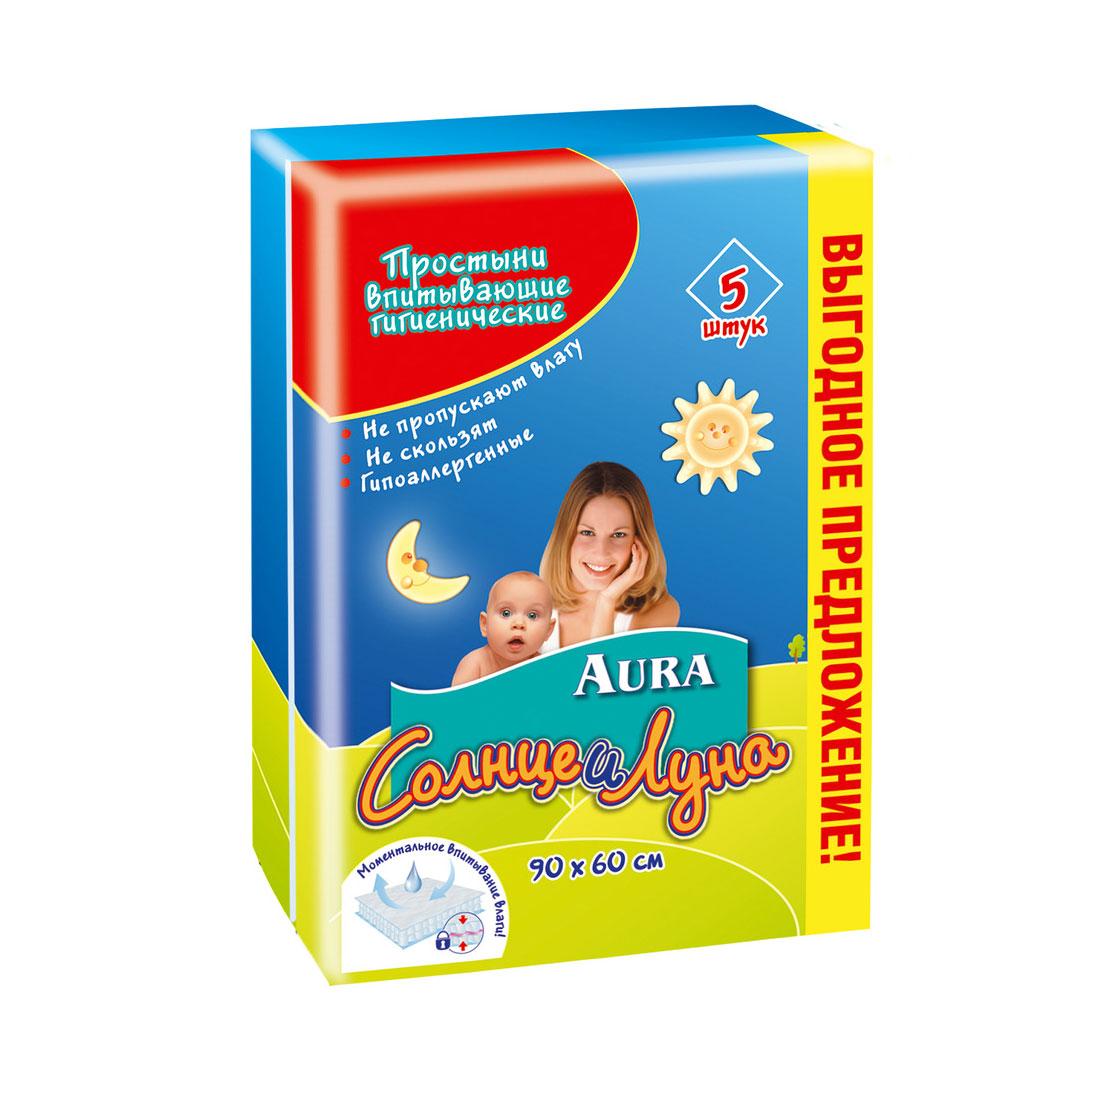 Пеленки AURA Солнце и луна гигиенические 60х90 см (5 шт)<br>